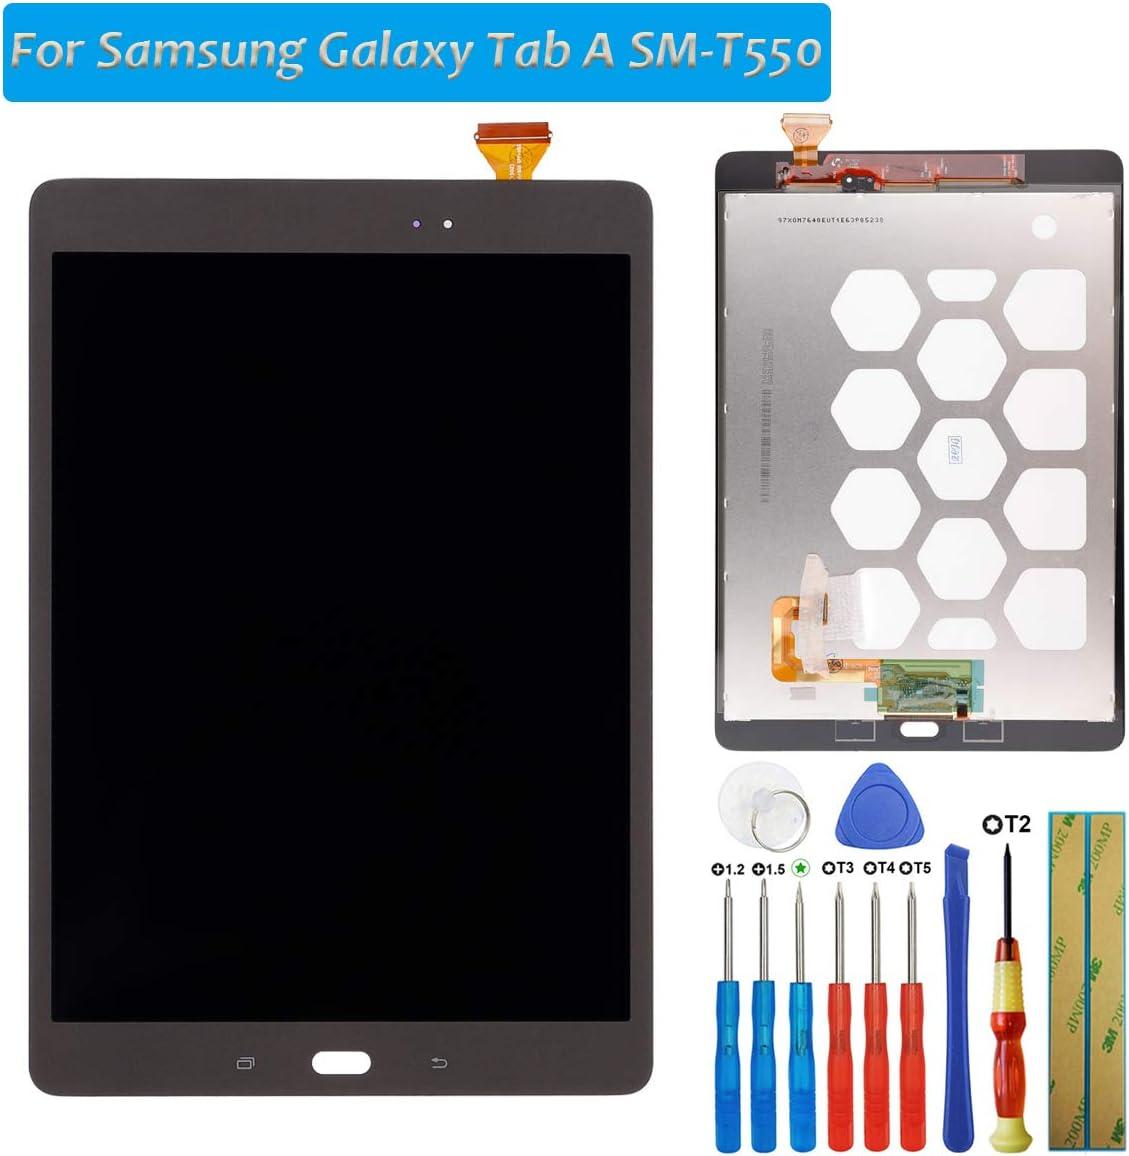 Pantalla Touch LCD + kit para Galaxy Tab A SM-T550 / SM-T555